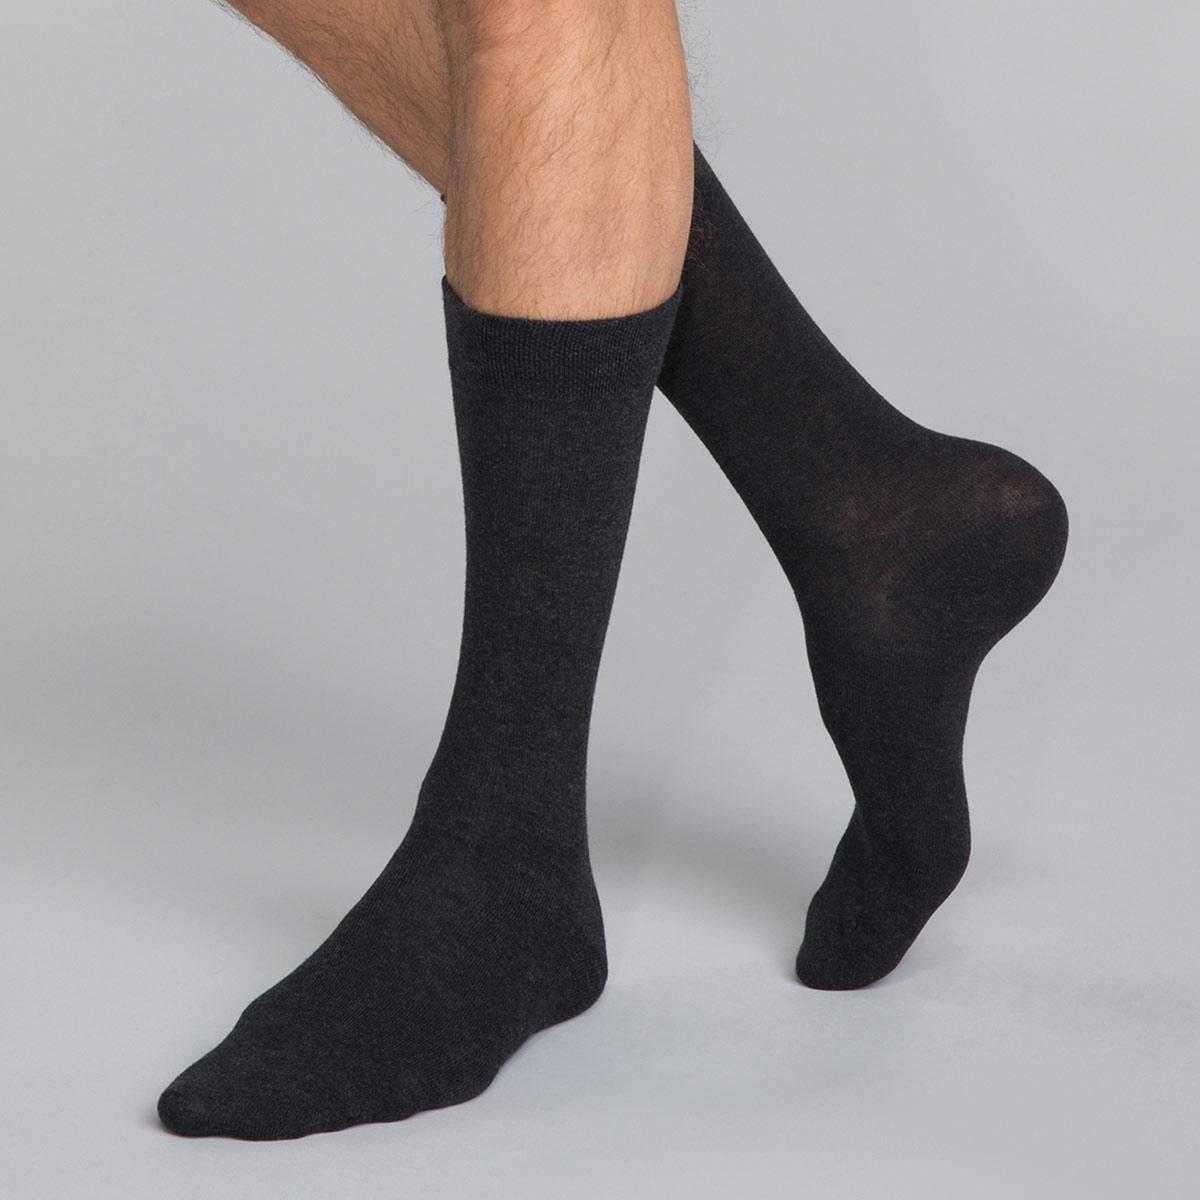 2d9546bdce325 Lot de 5 paires chaussettes grises EcoDIM Homme